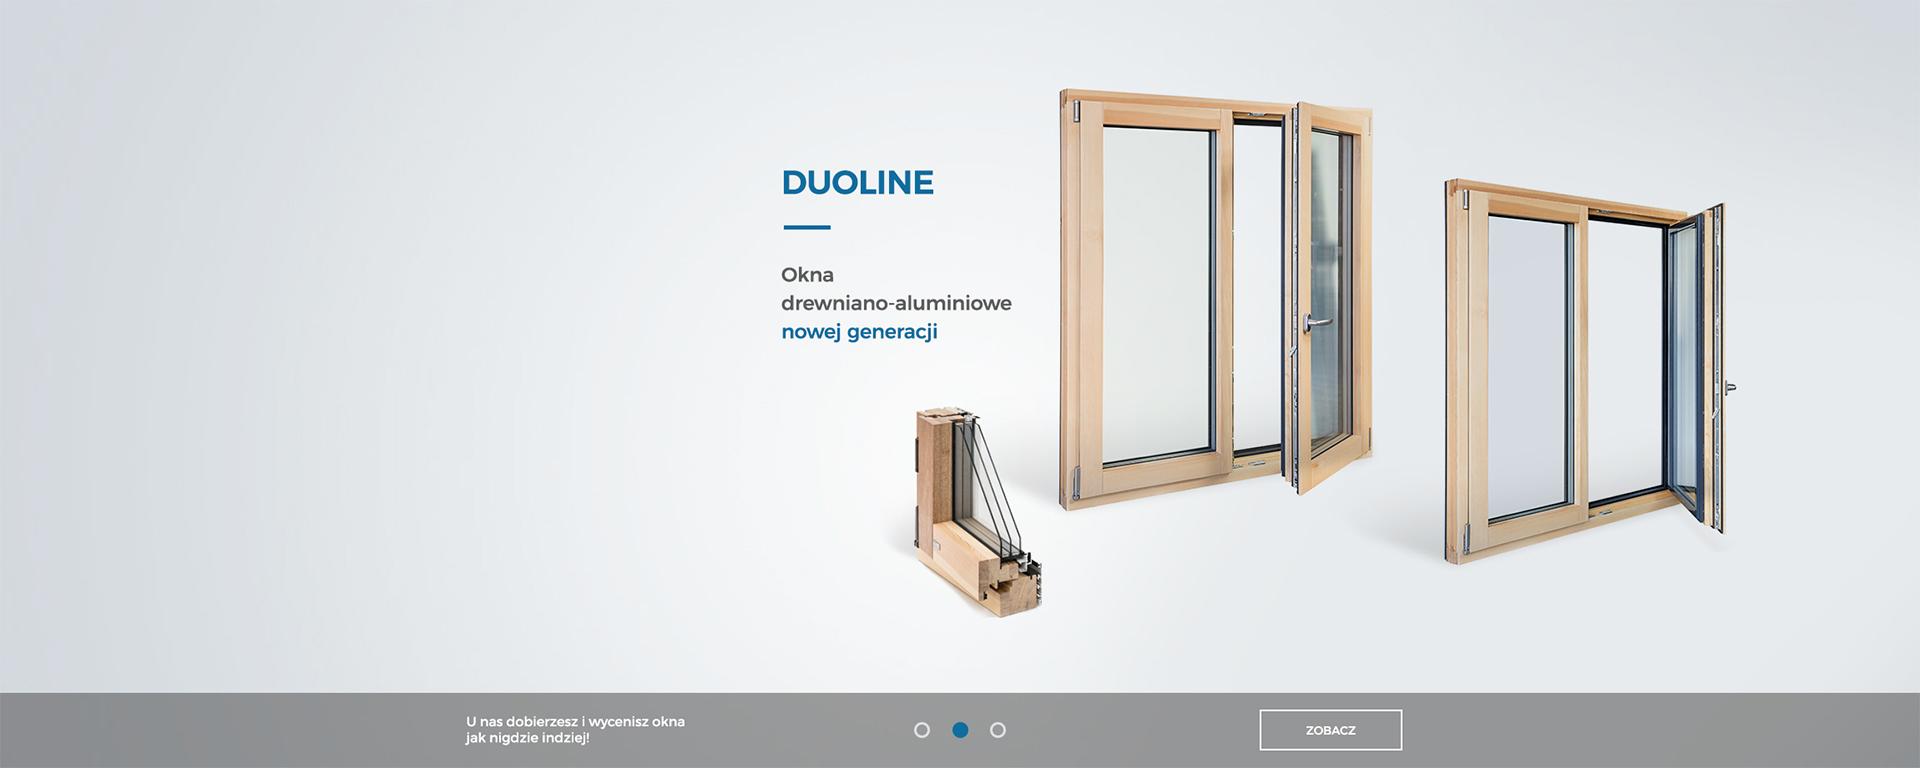 NoweOkna.pl - Baner Duoline